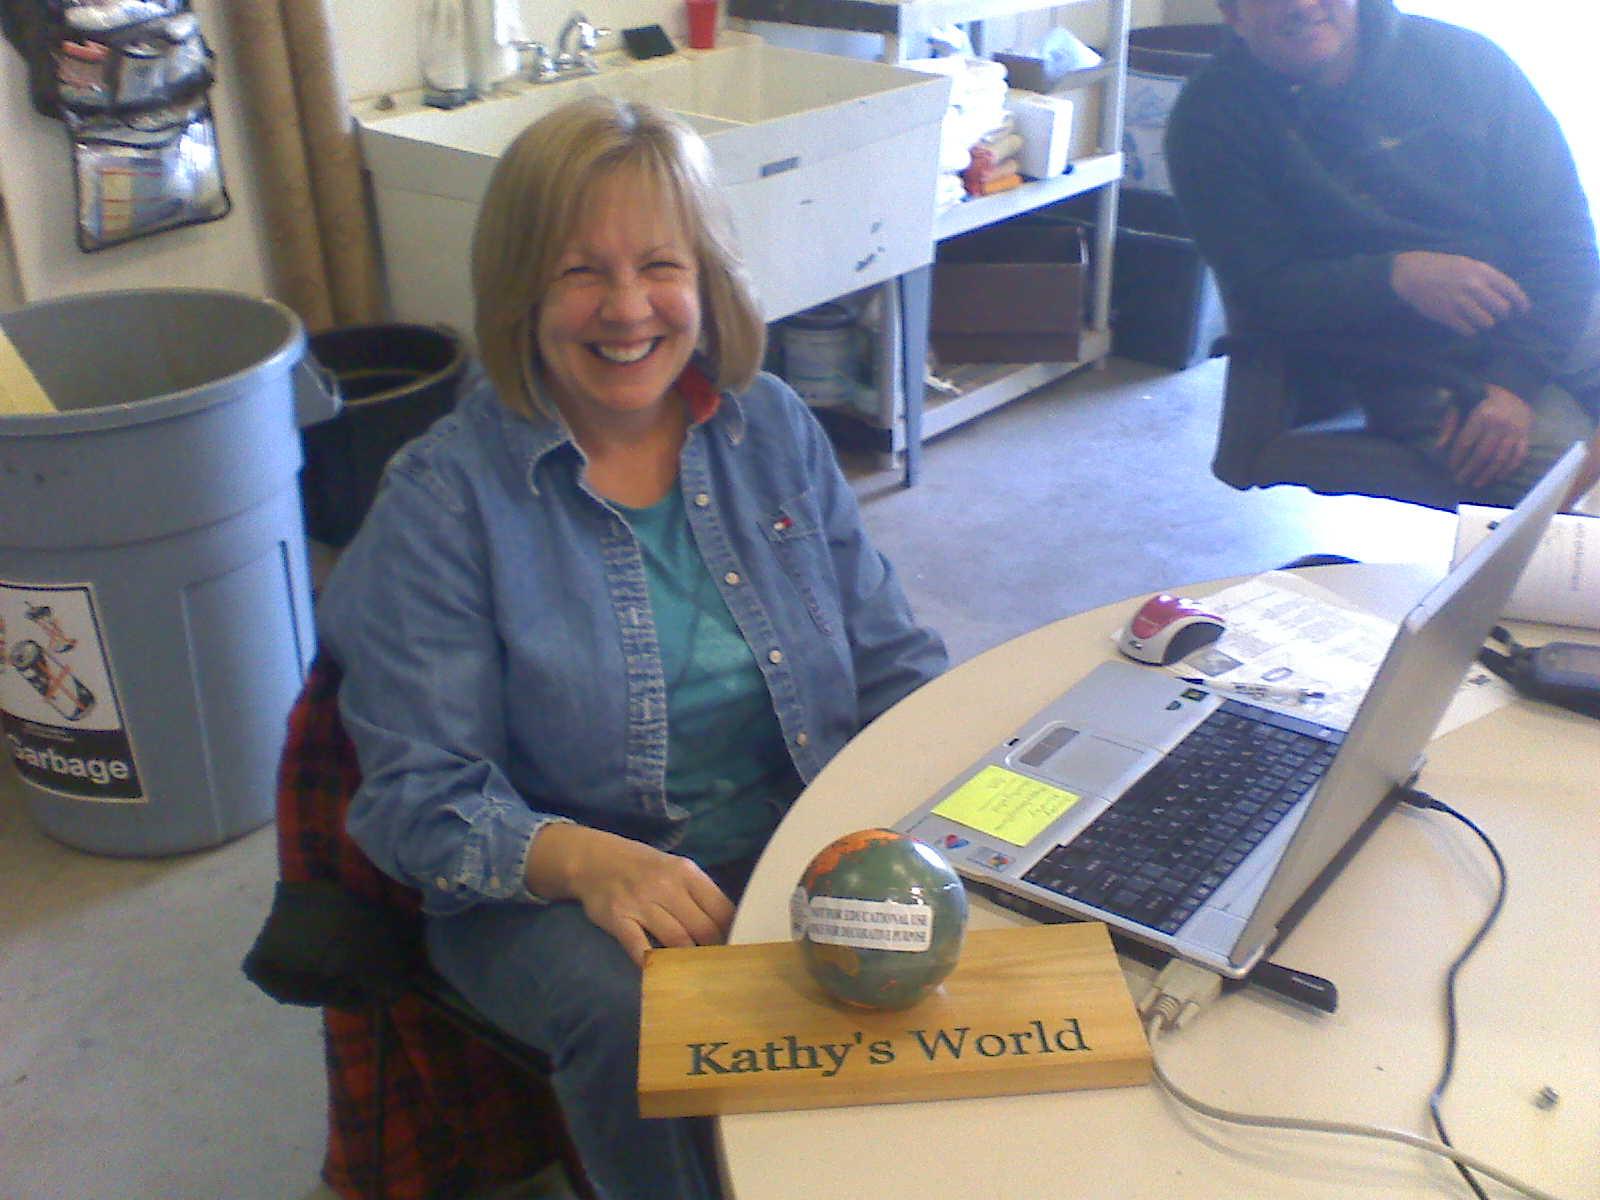 Kathys World